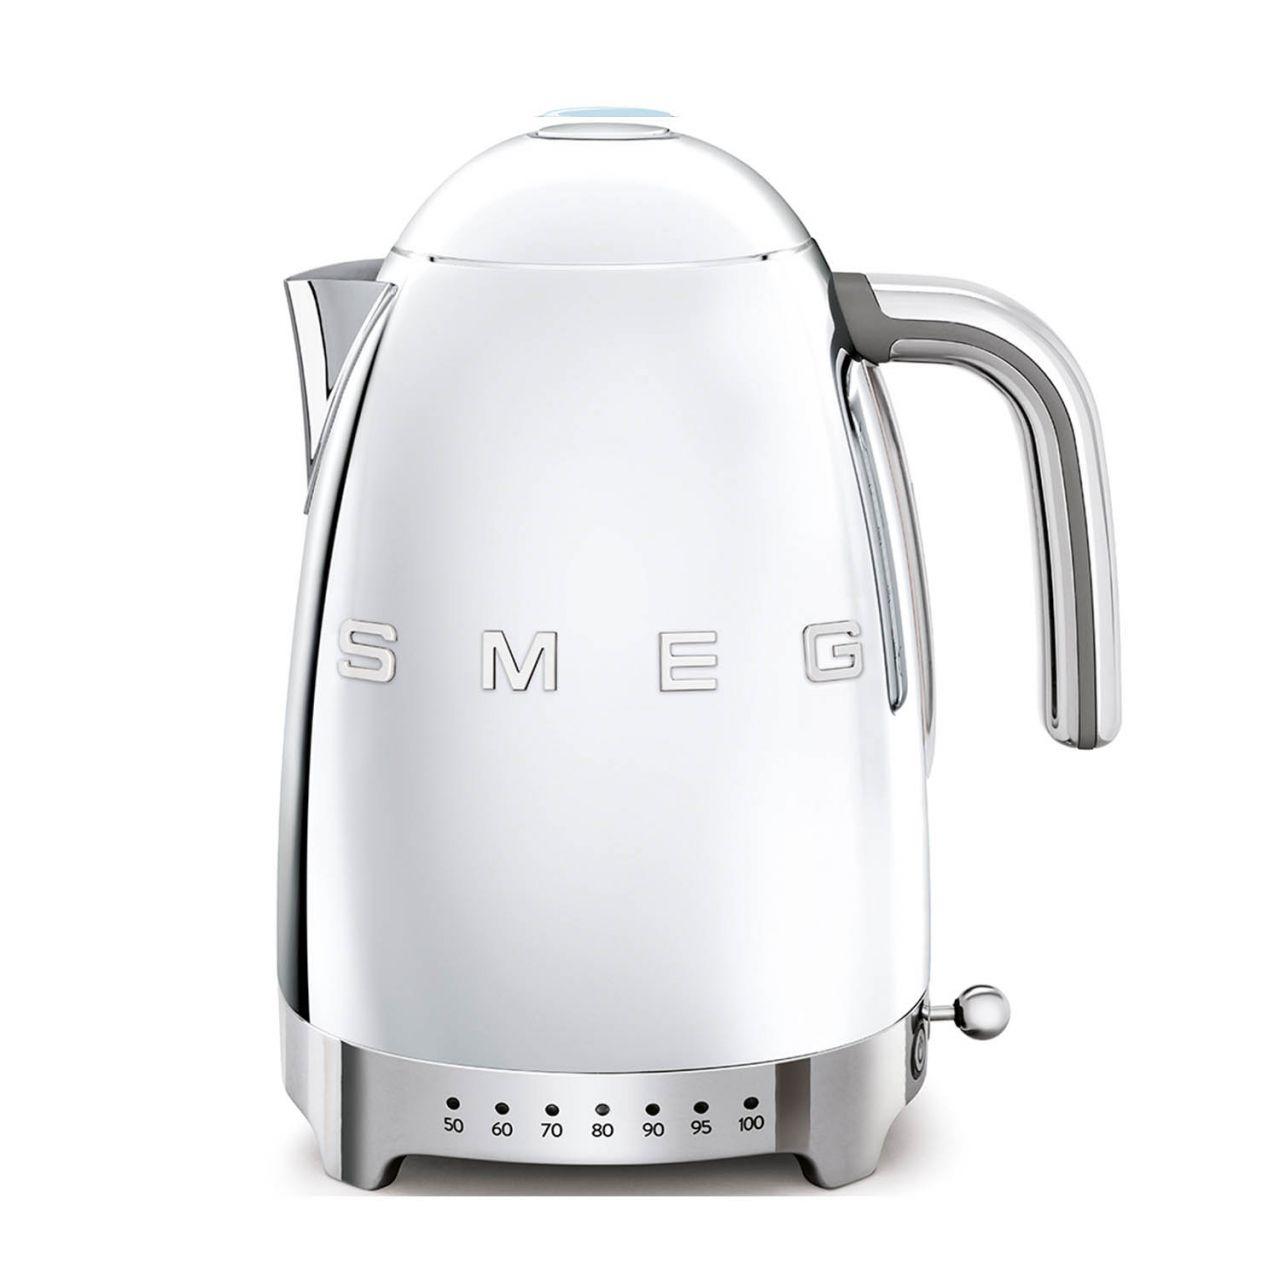 SMEG - Wasserkocher Temperaturwahl